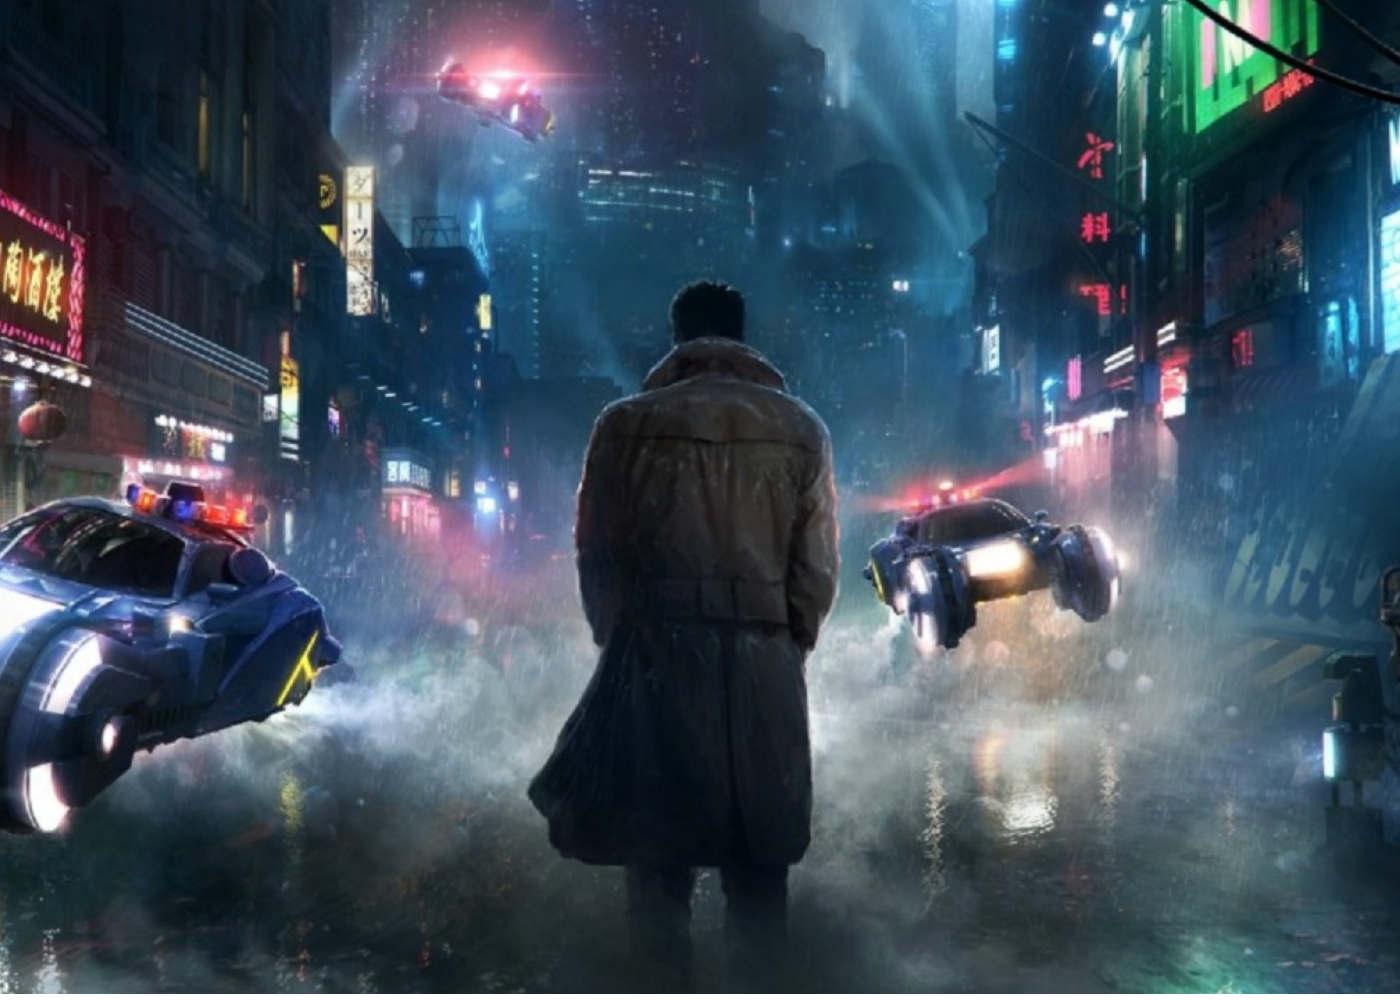 Blade Runner 2049 trailer is as Beautiful as Tears in Rain